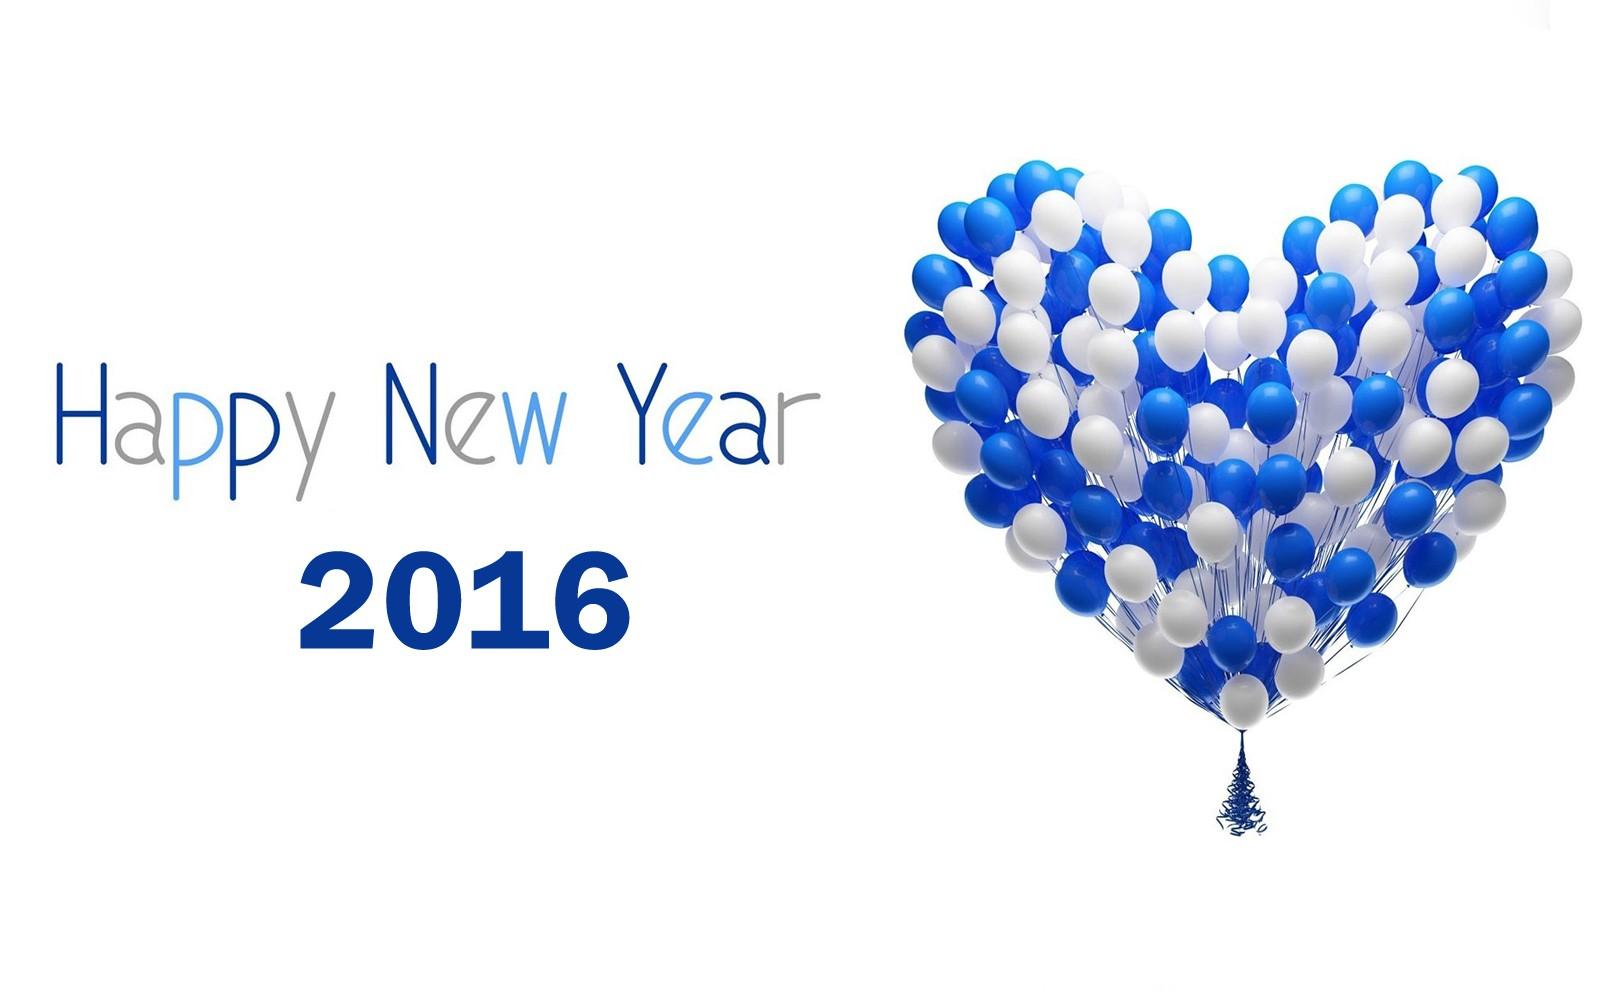 Kumpulan Kata Ucapan, SMS, Status FB, dan Twitter Selamat Tahun Baru 2016